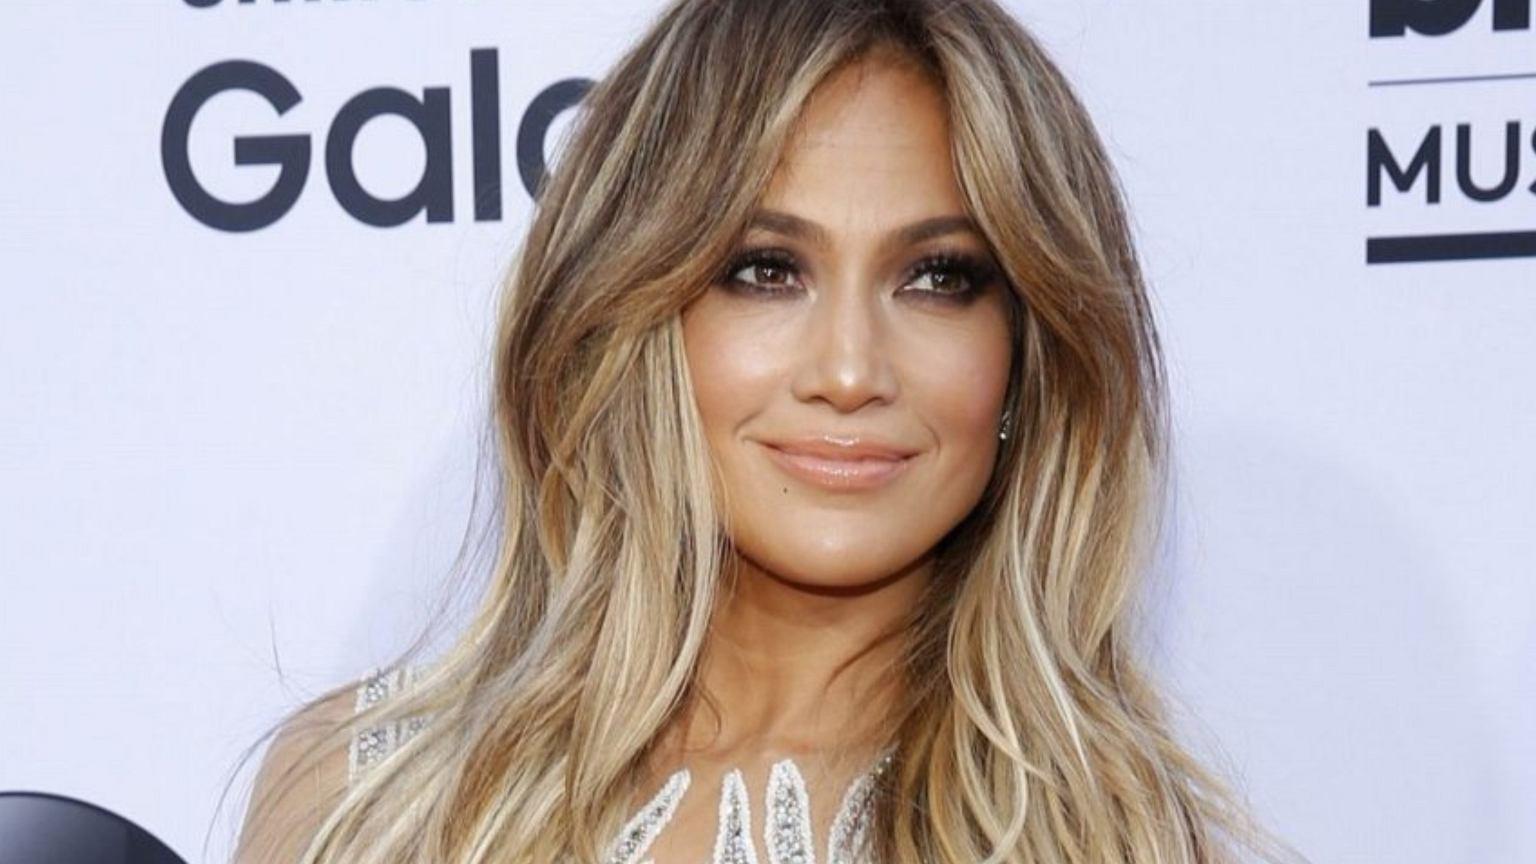 Jennifer Lopez świętuje urodziny dzieci na Instagramie. Pokazała rozczulające zdjęcie z przeszłości